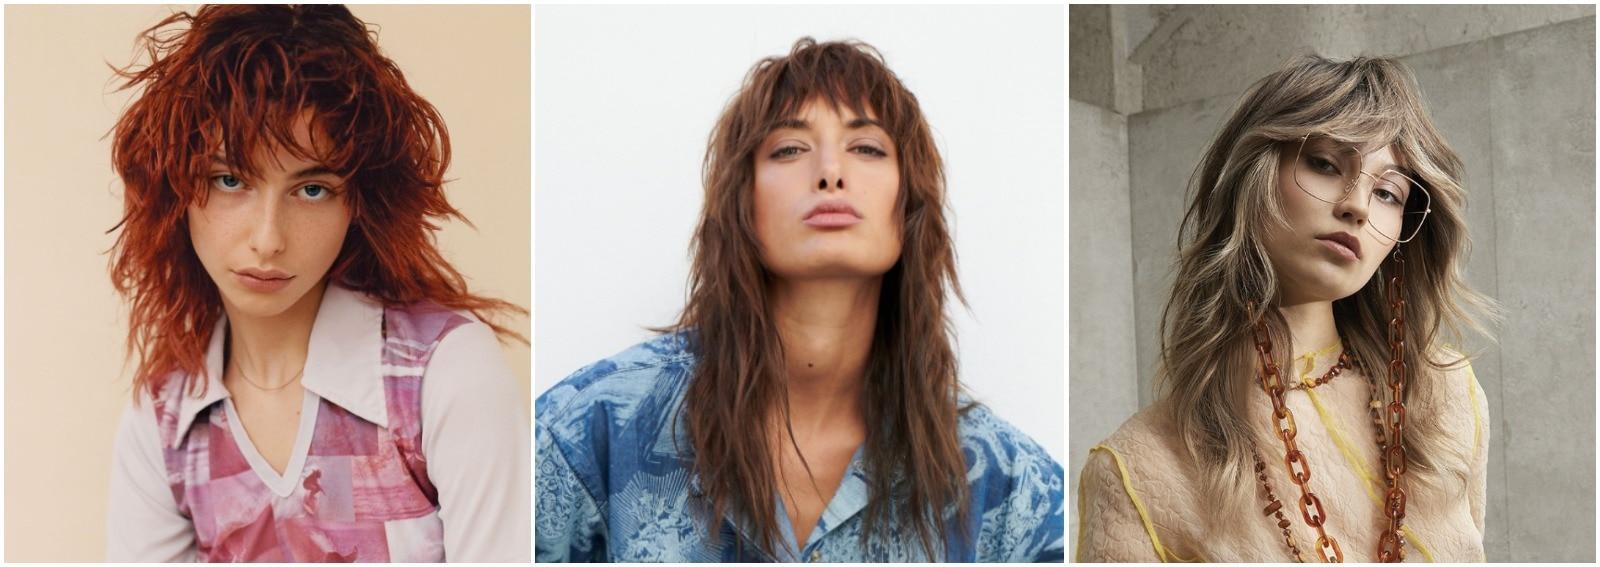 shullet taglio capelli scalato 2021 cover desktop